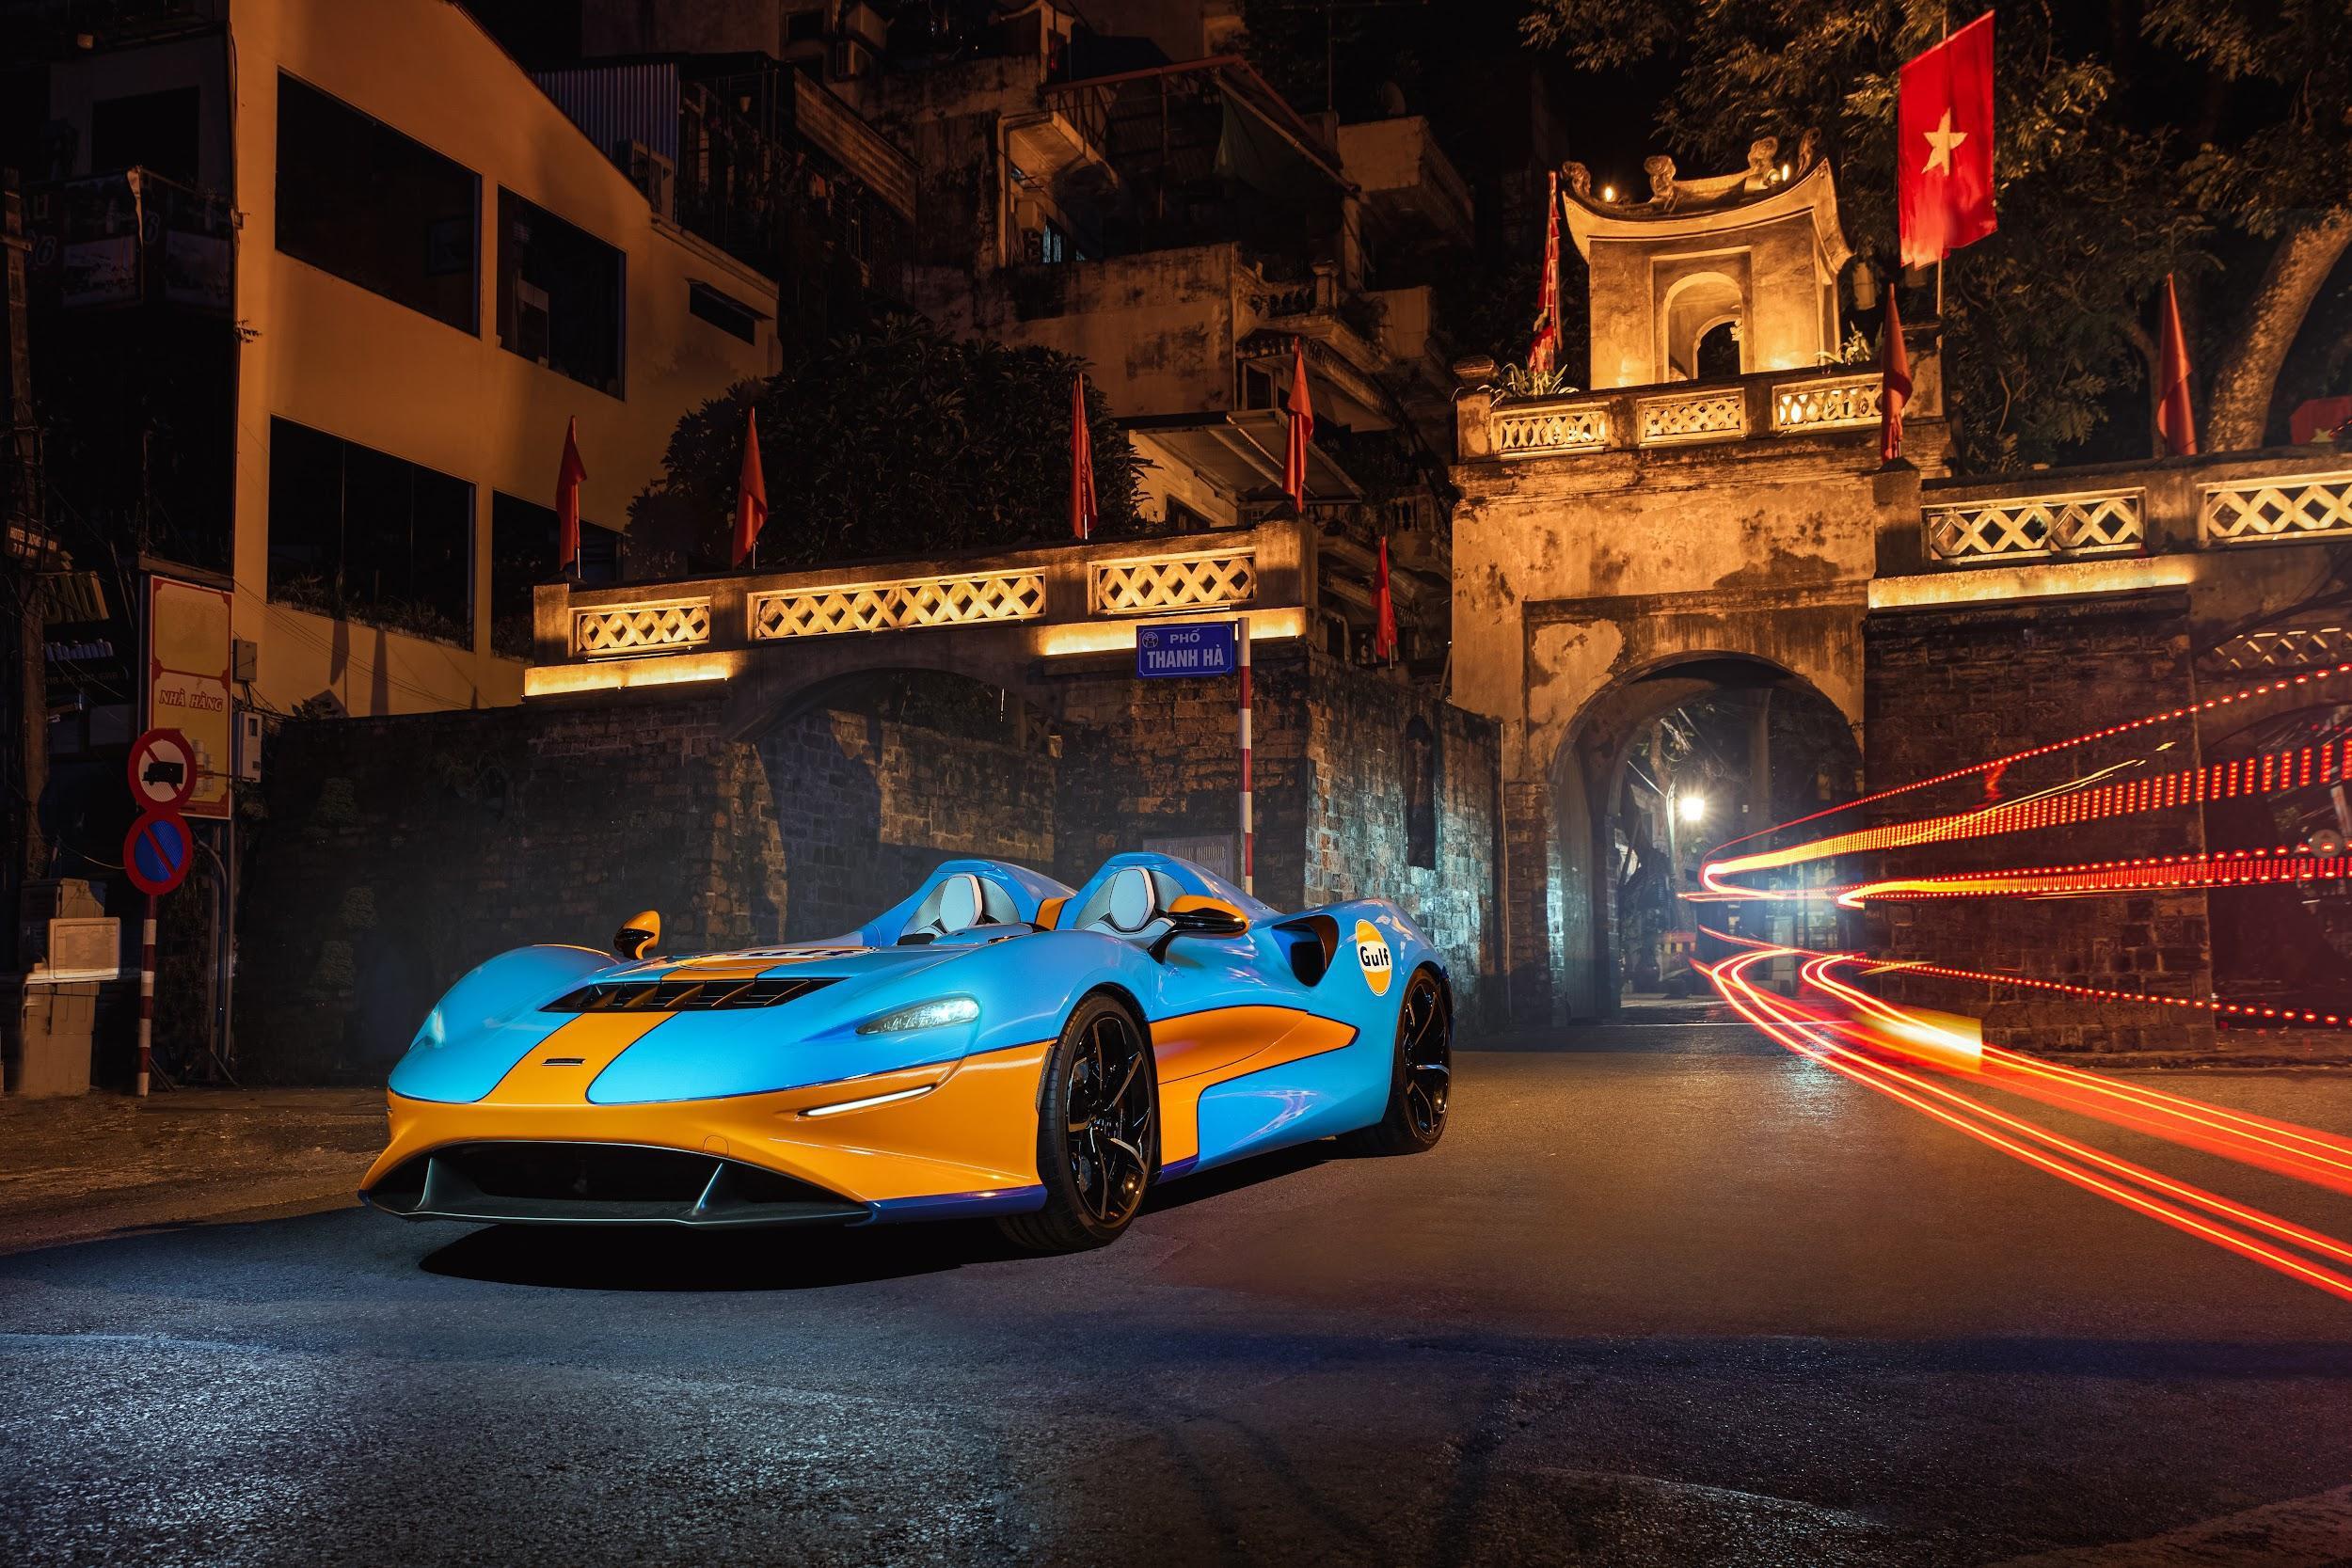 Xe McLaren Elva - hàng hiếm triệu USD xuất hiện trên đường phố Hà Nội